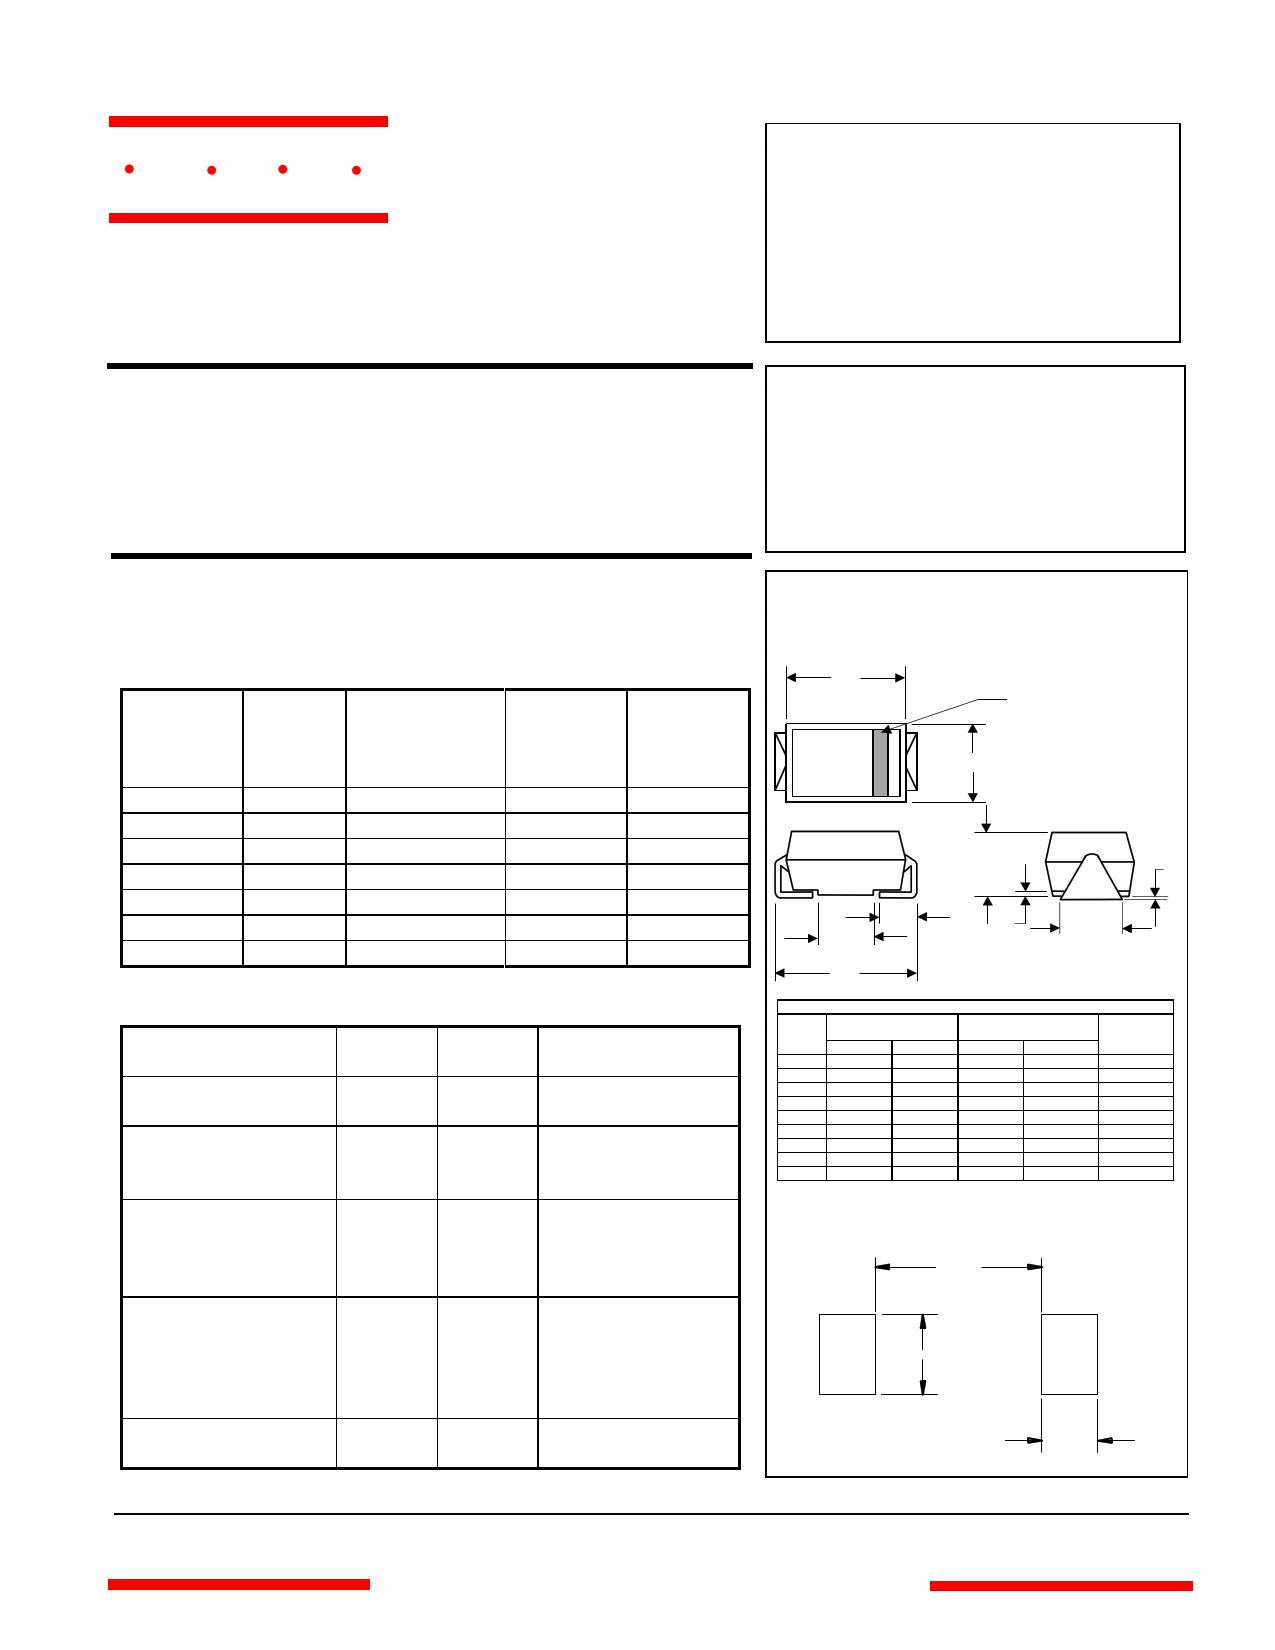 FR2D datasheet